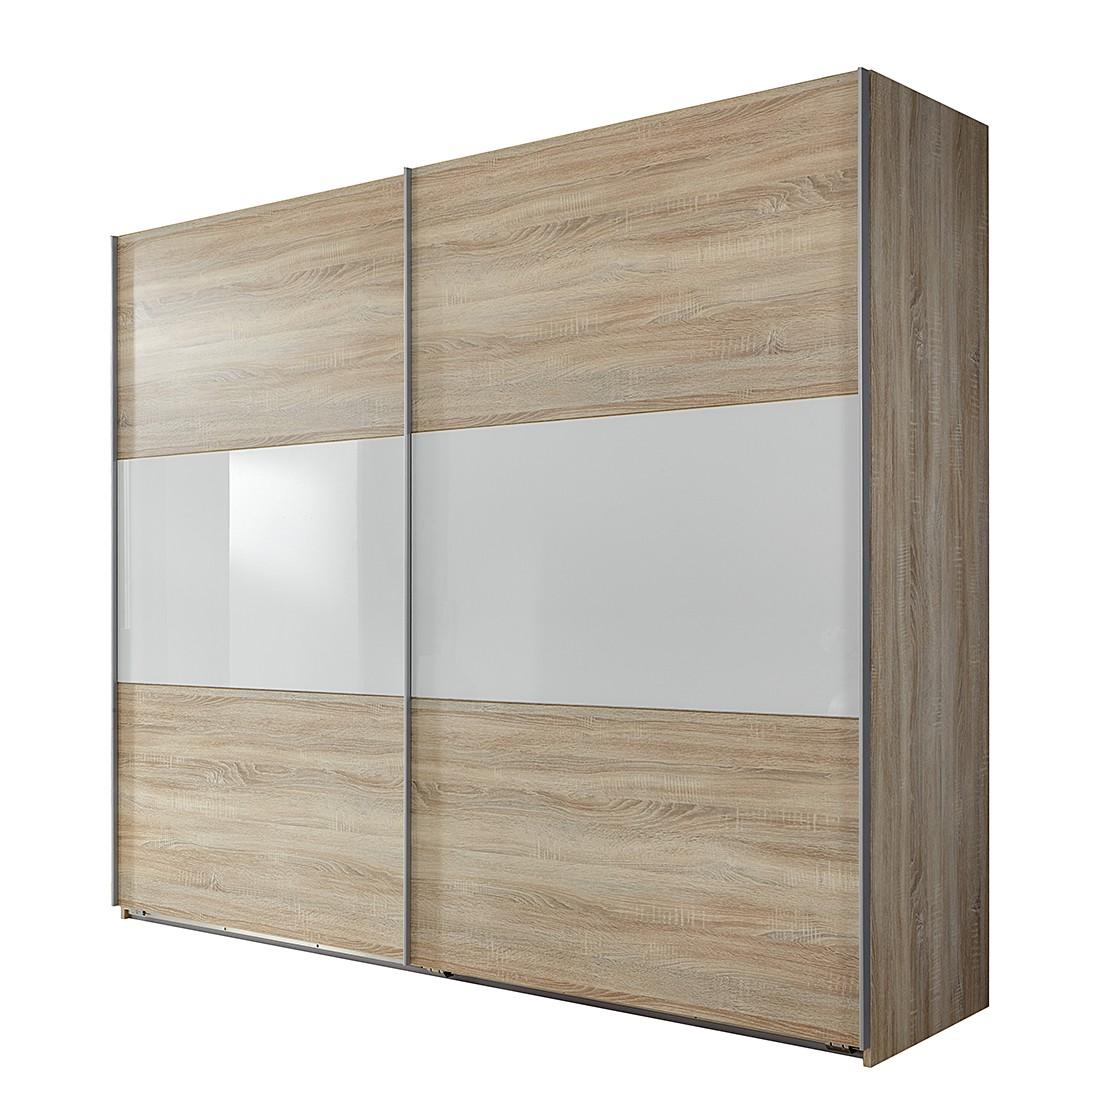 goedkoop Schuifdeurkast Medley II grof gezaagde eikenhout look wit BxH 270x236cm 2 deurs Wimex